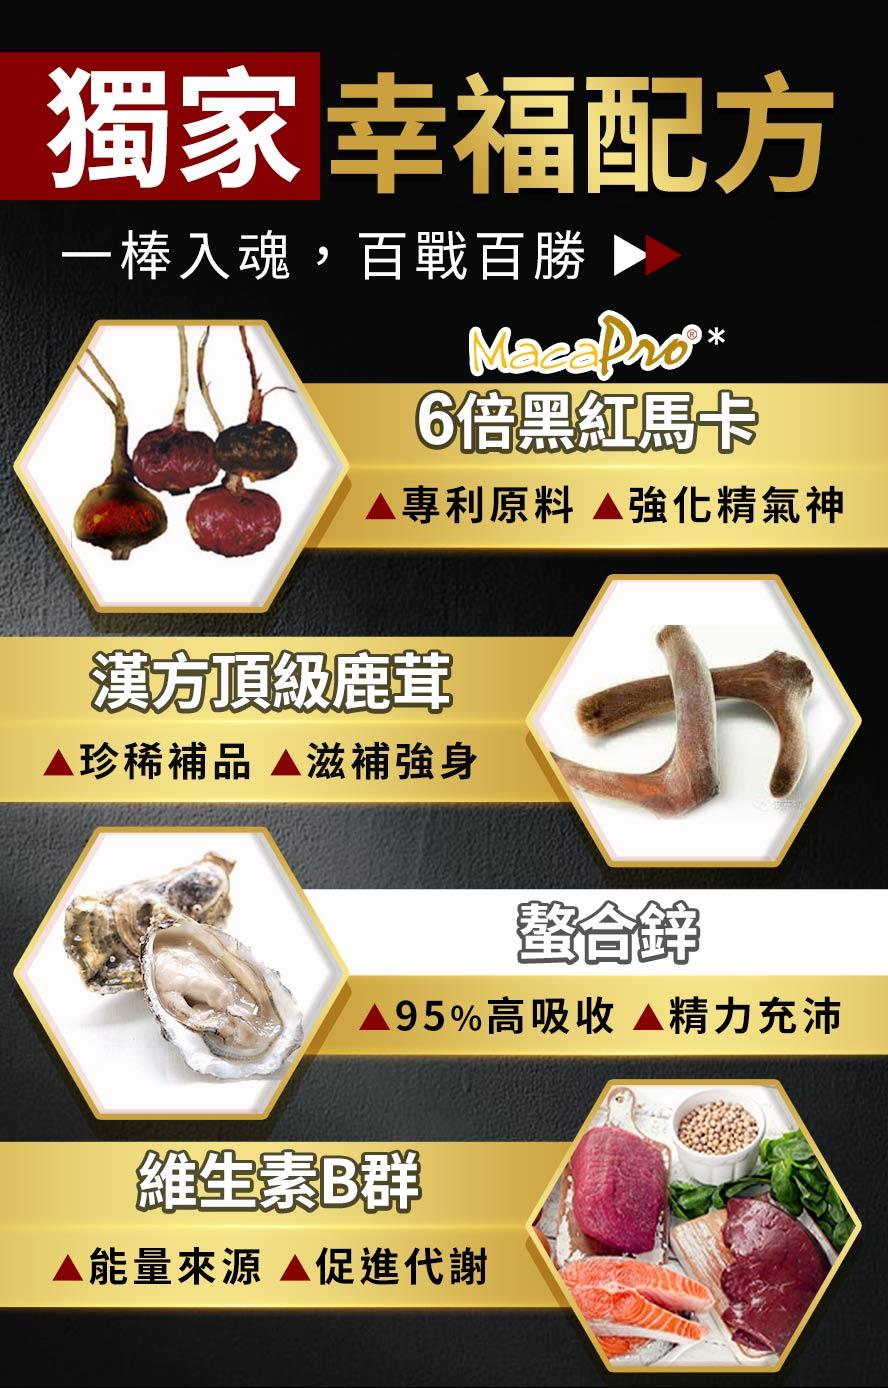 UNIQMAN瑪卡是滋補男性健康的生理保健品,添加鹿茸及螯合鋅,能全方位照護男性所需營養